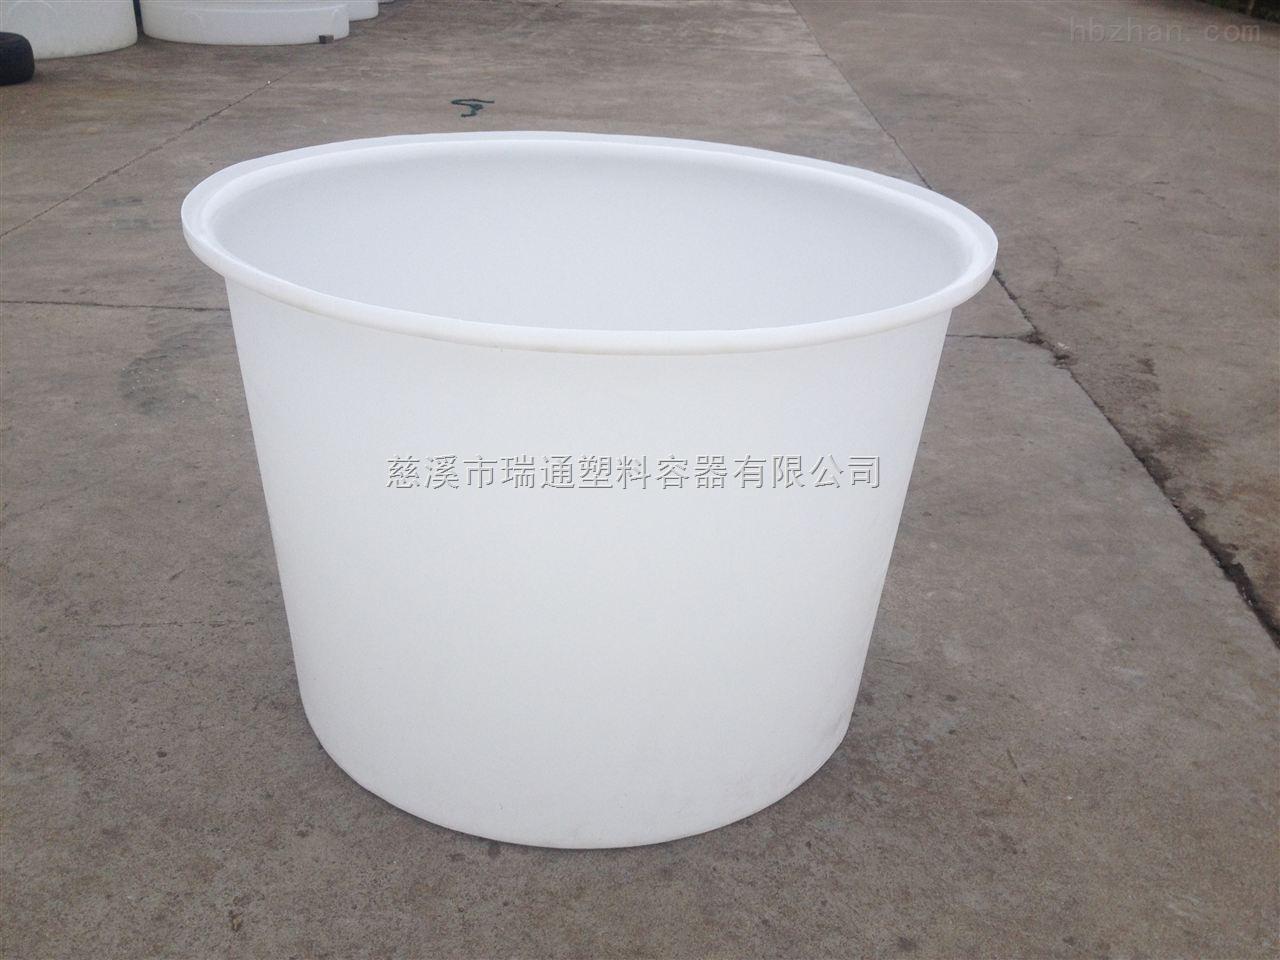 食品級塑料醃製桶廠家直銷